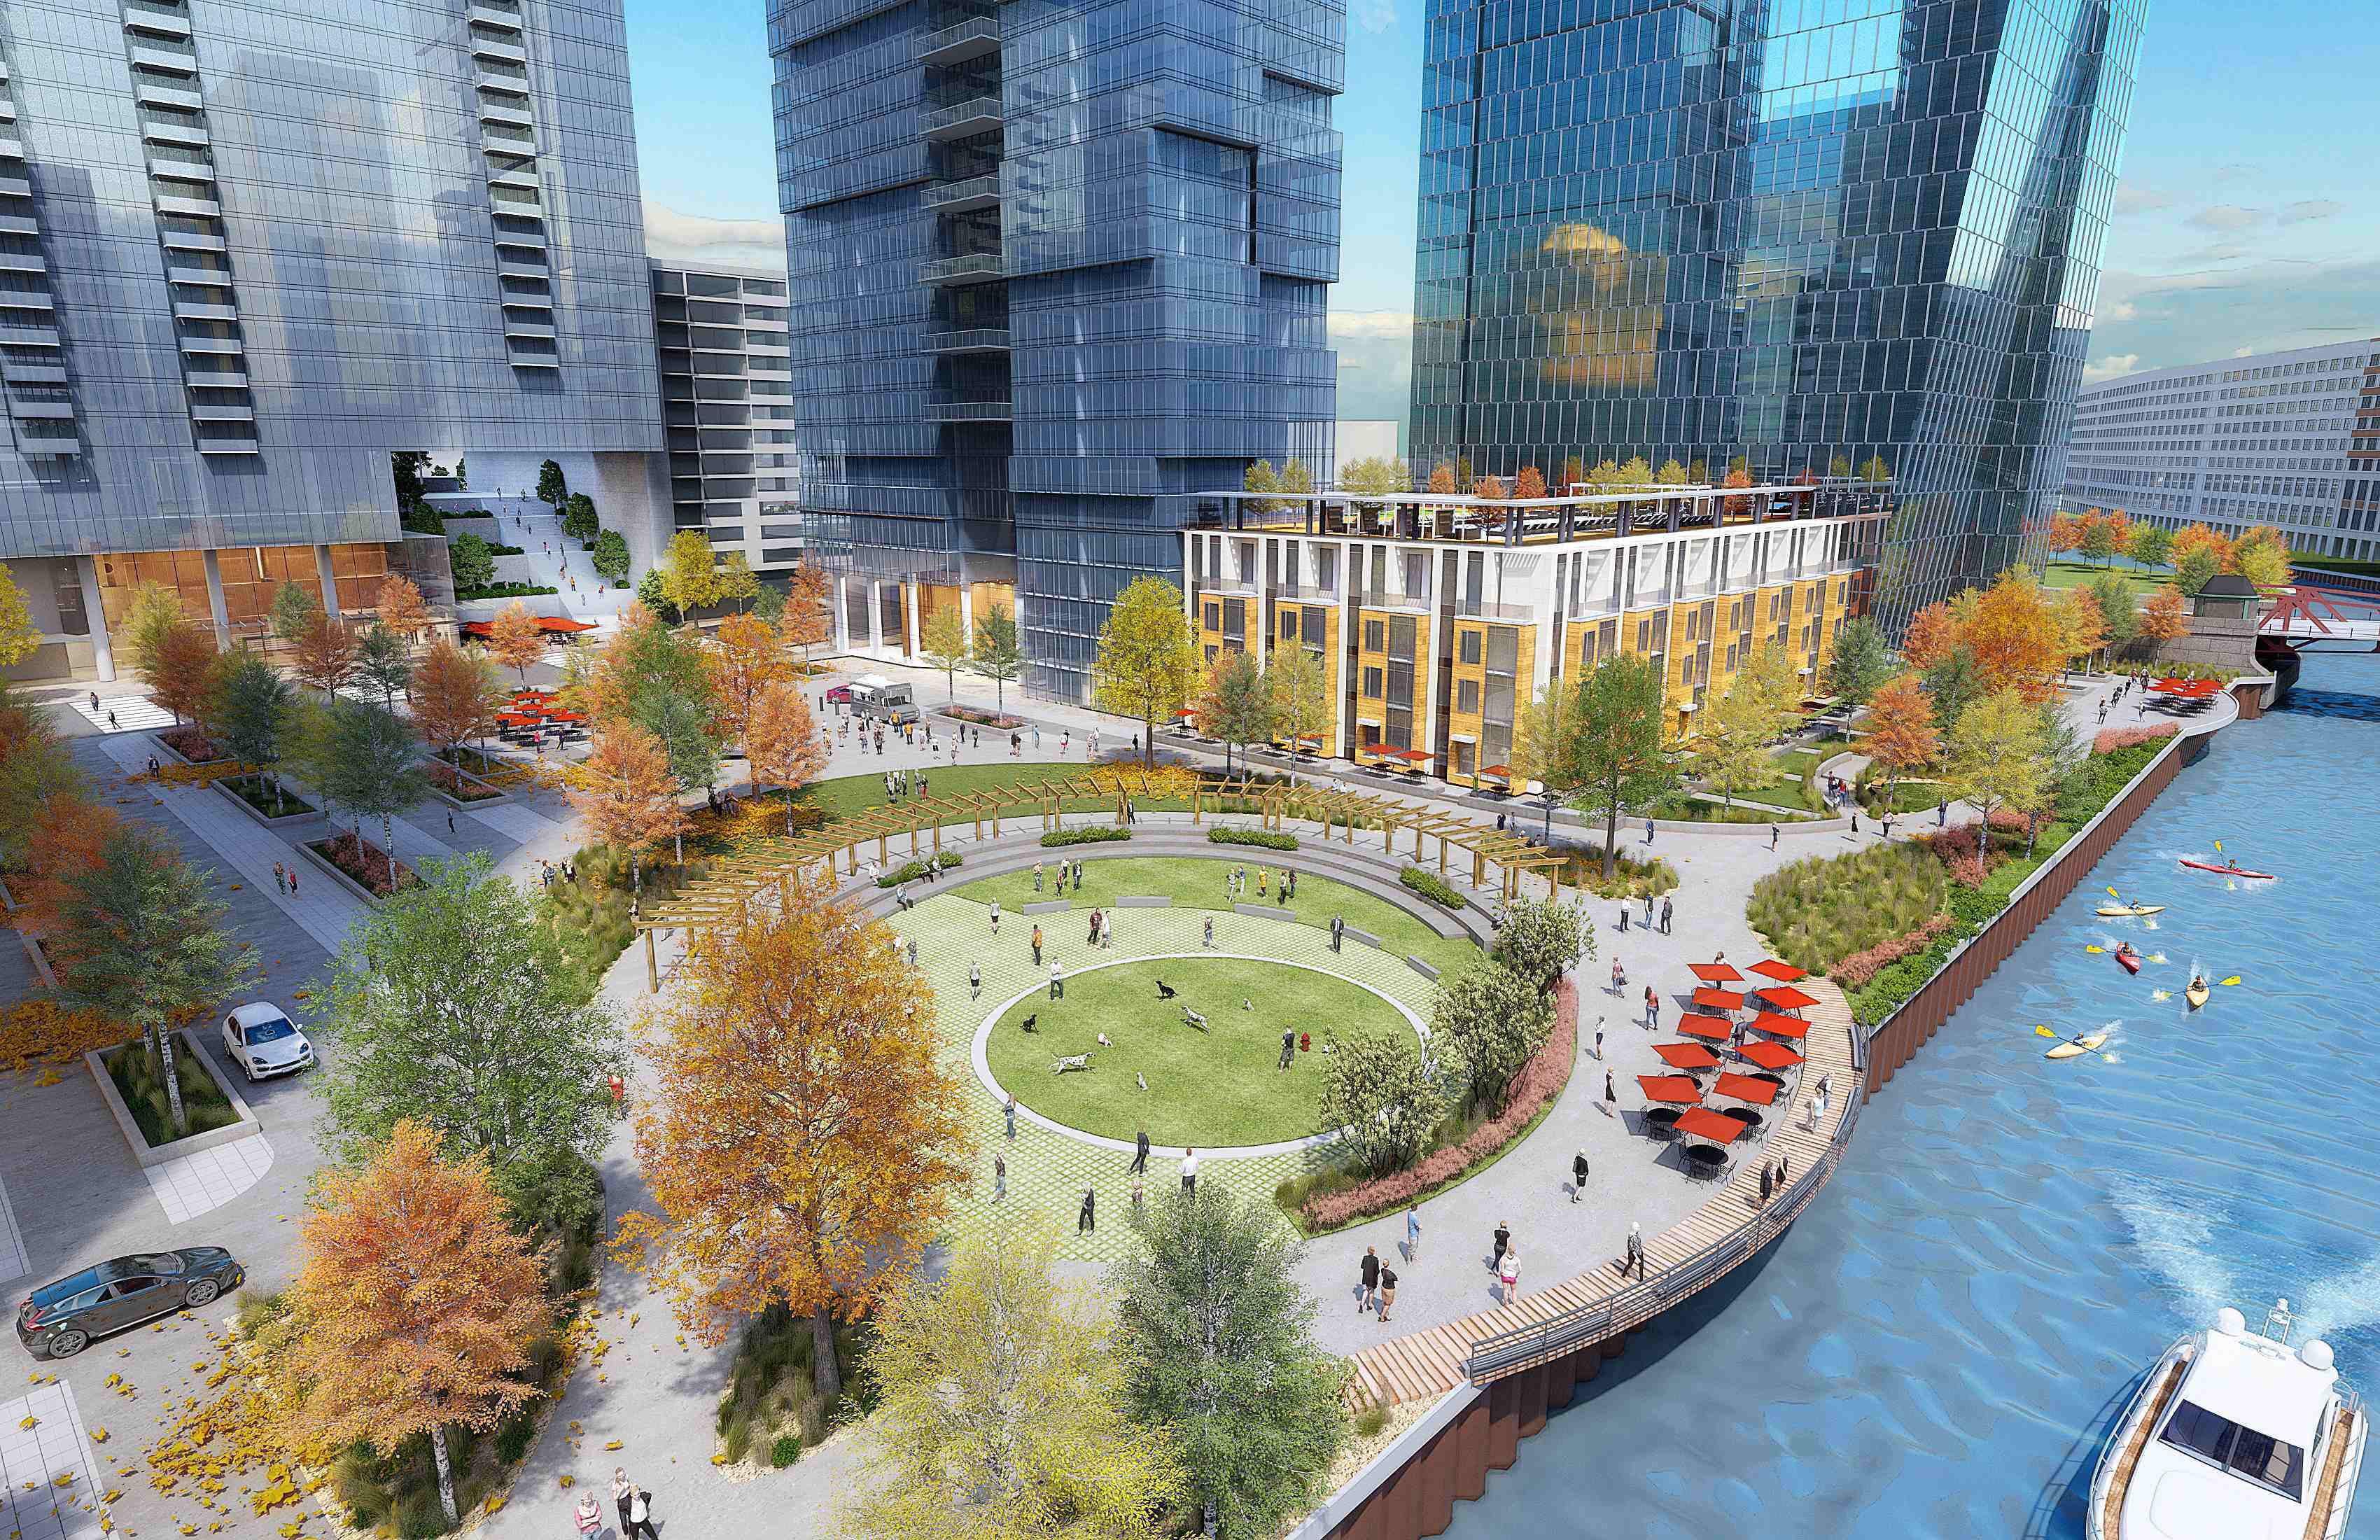 Chicago riverfront mock design